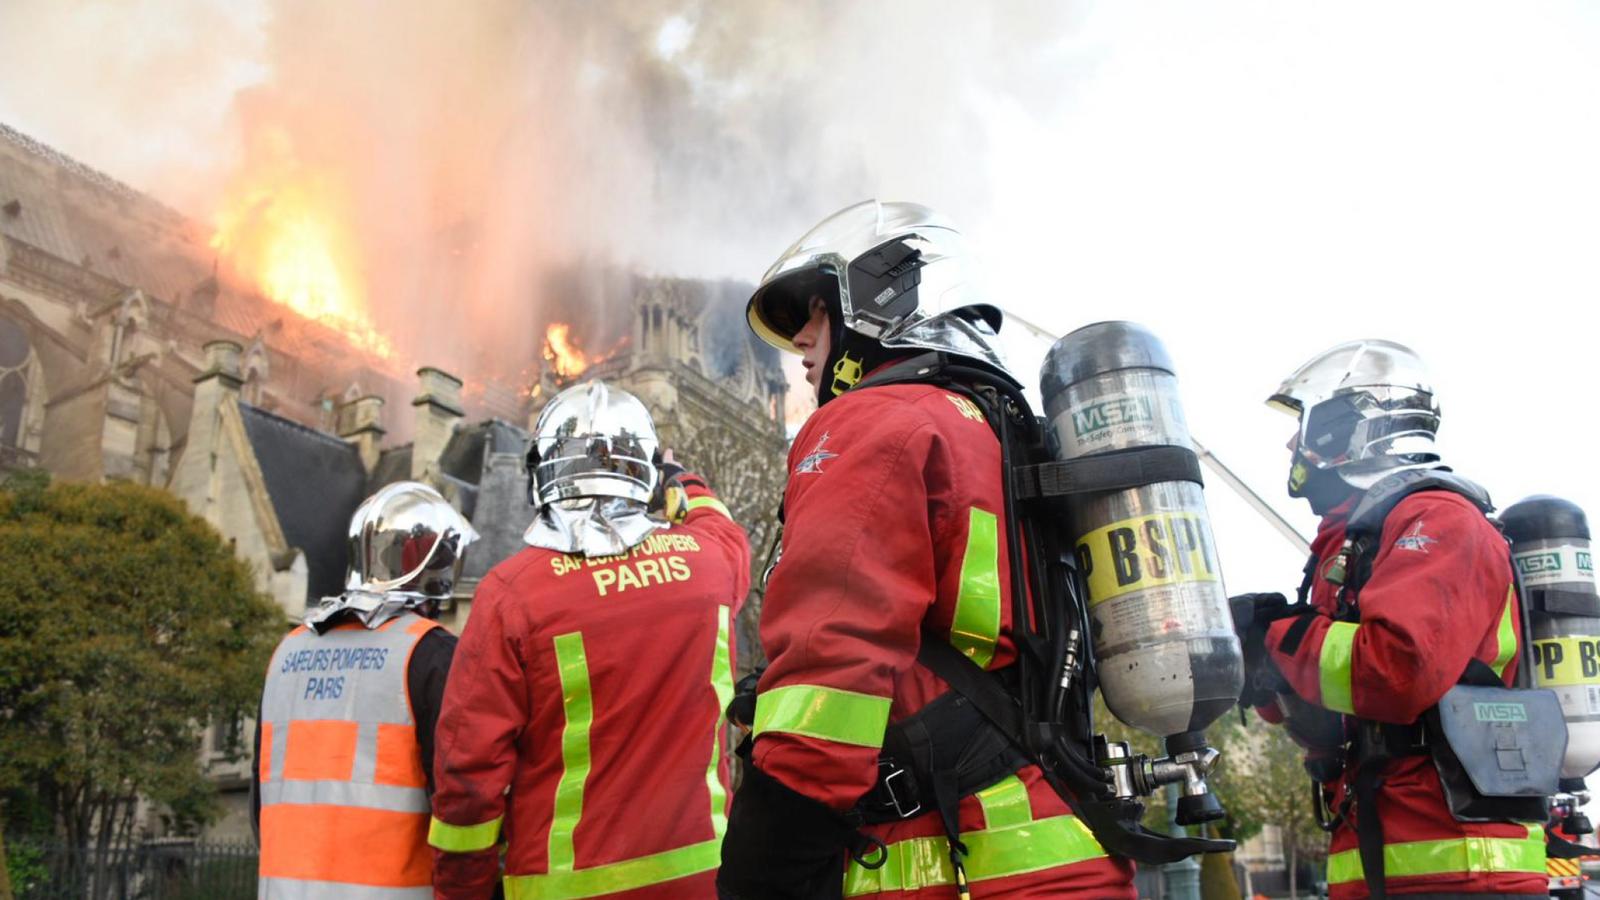 Một lính cứu hỏa đã bị thương nặng trong quá trình dập lửa. Ảnh: Sky News.